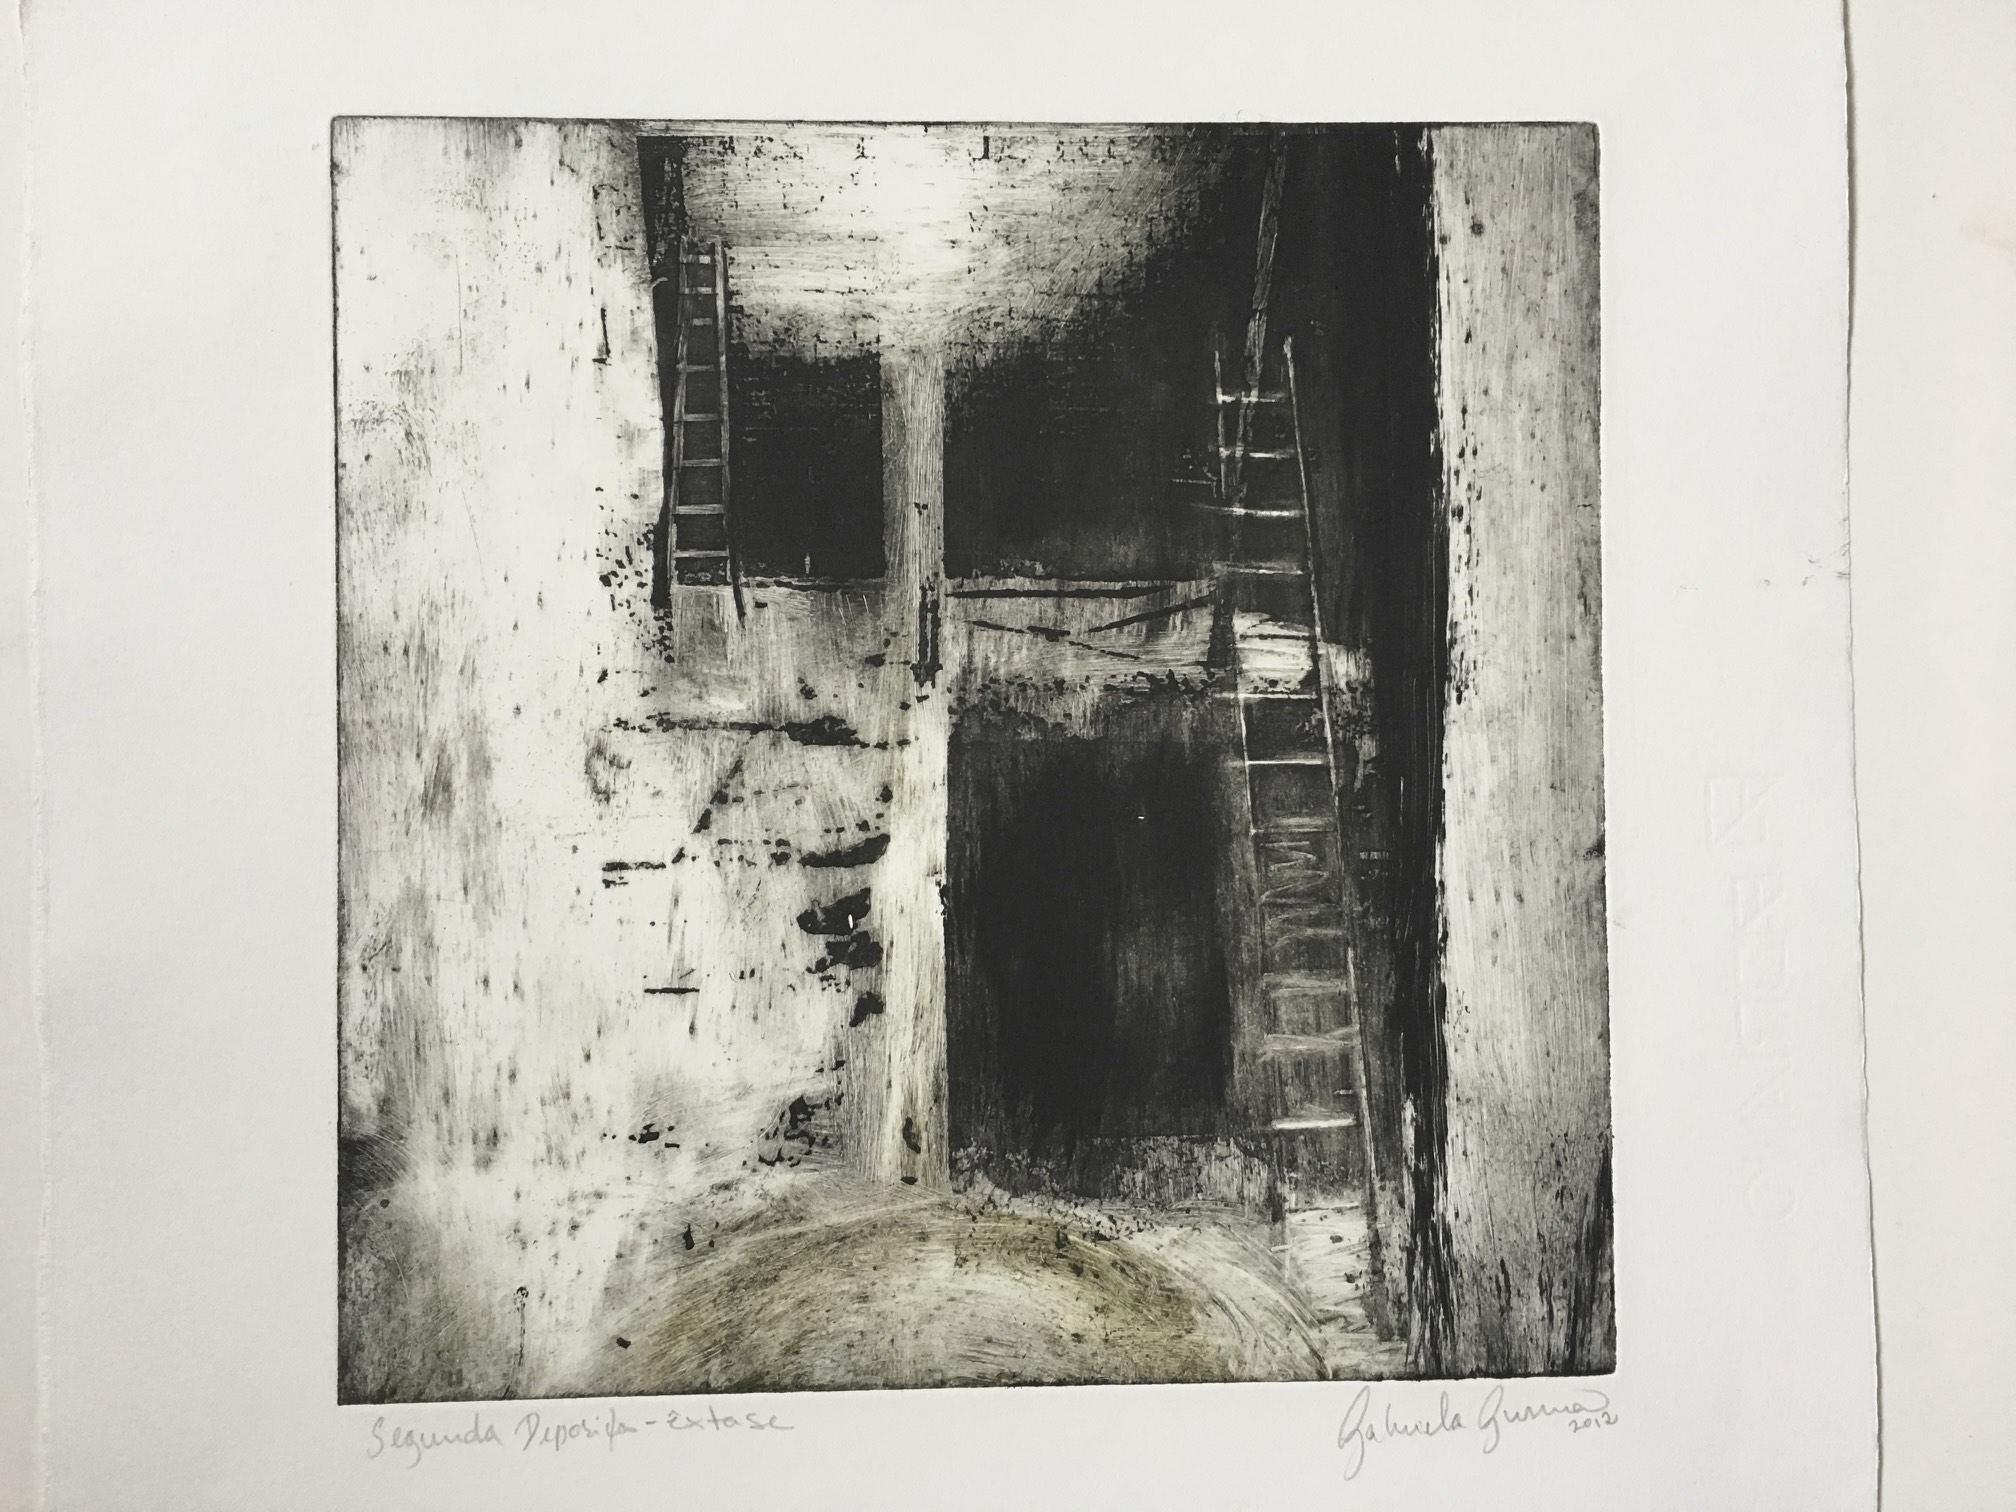 Gabriela Gusmão, Êxtase, 2012, série Segunda Deposição, monotipia, 36 x 32 cm